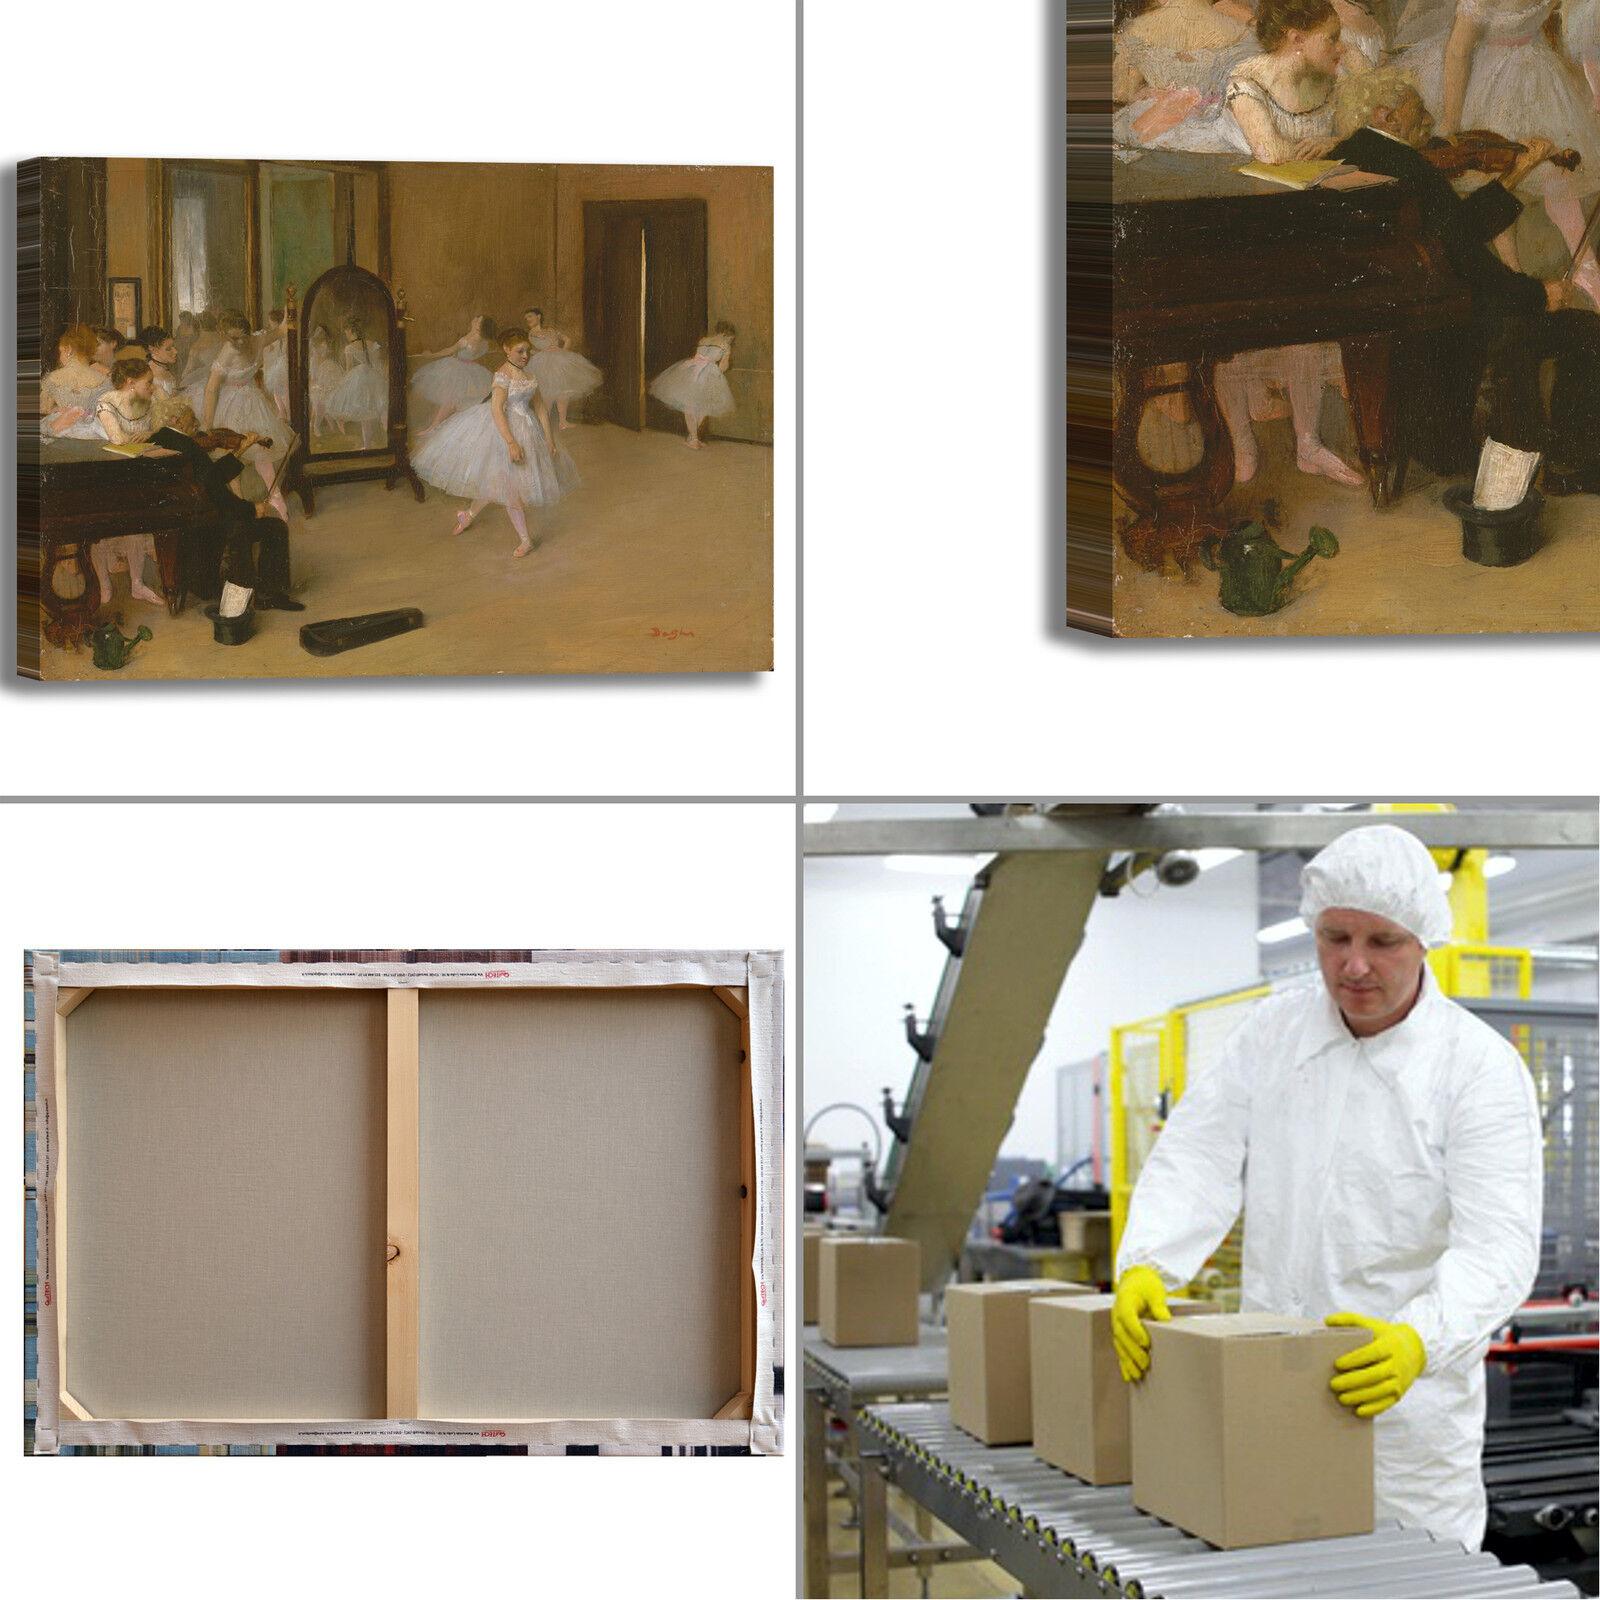 Degas classe classe classe di danza 2 design quadro stampa tela dipinto telaio arrossoo casa 495096